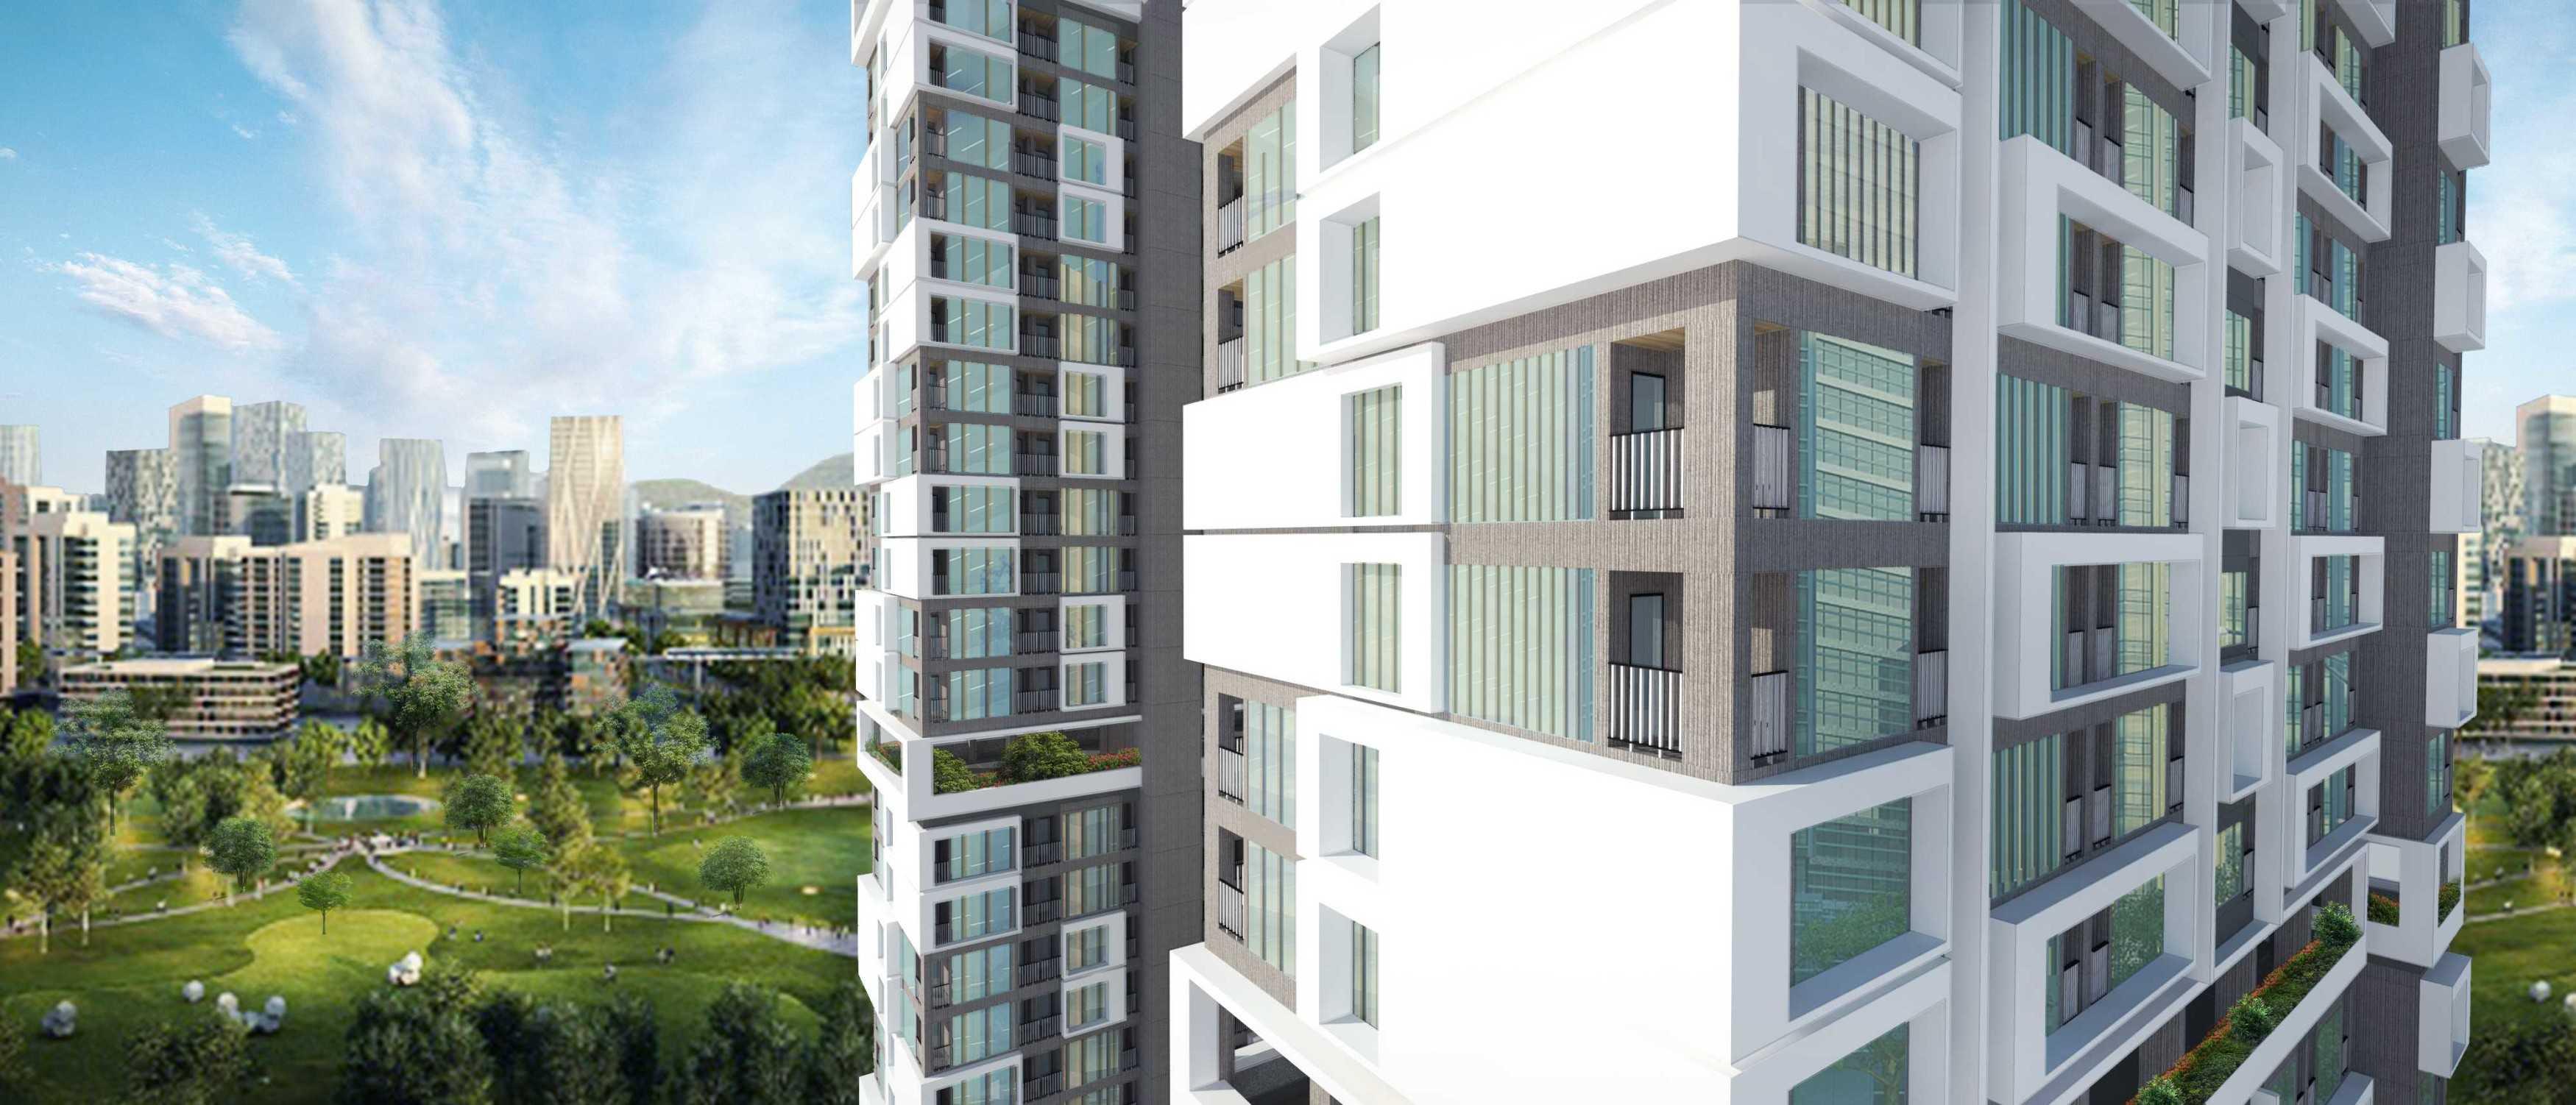 Alima Studio Apartment Raden Saleh Tangerang Tangerang Sc-10-3 Modern  27844